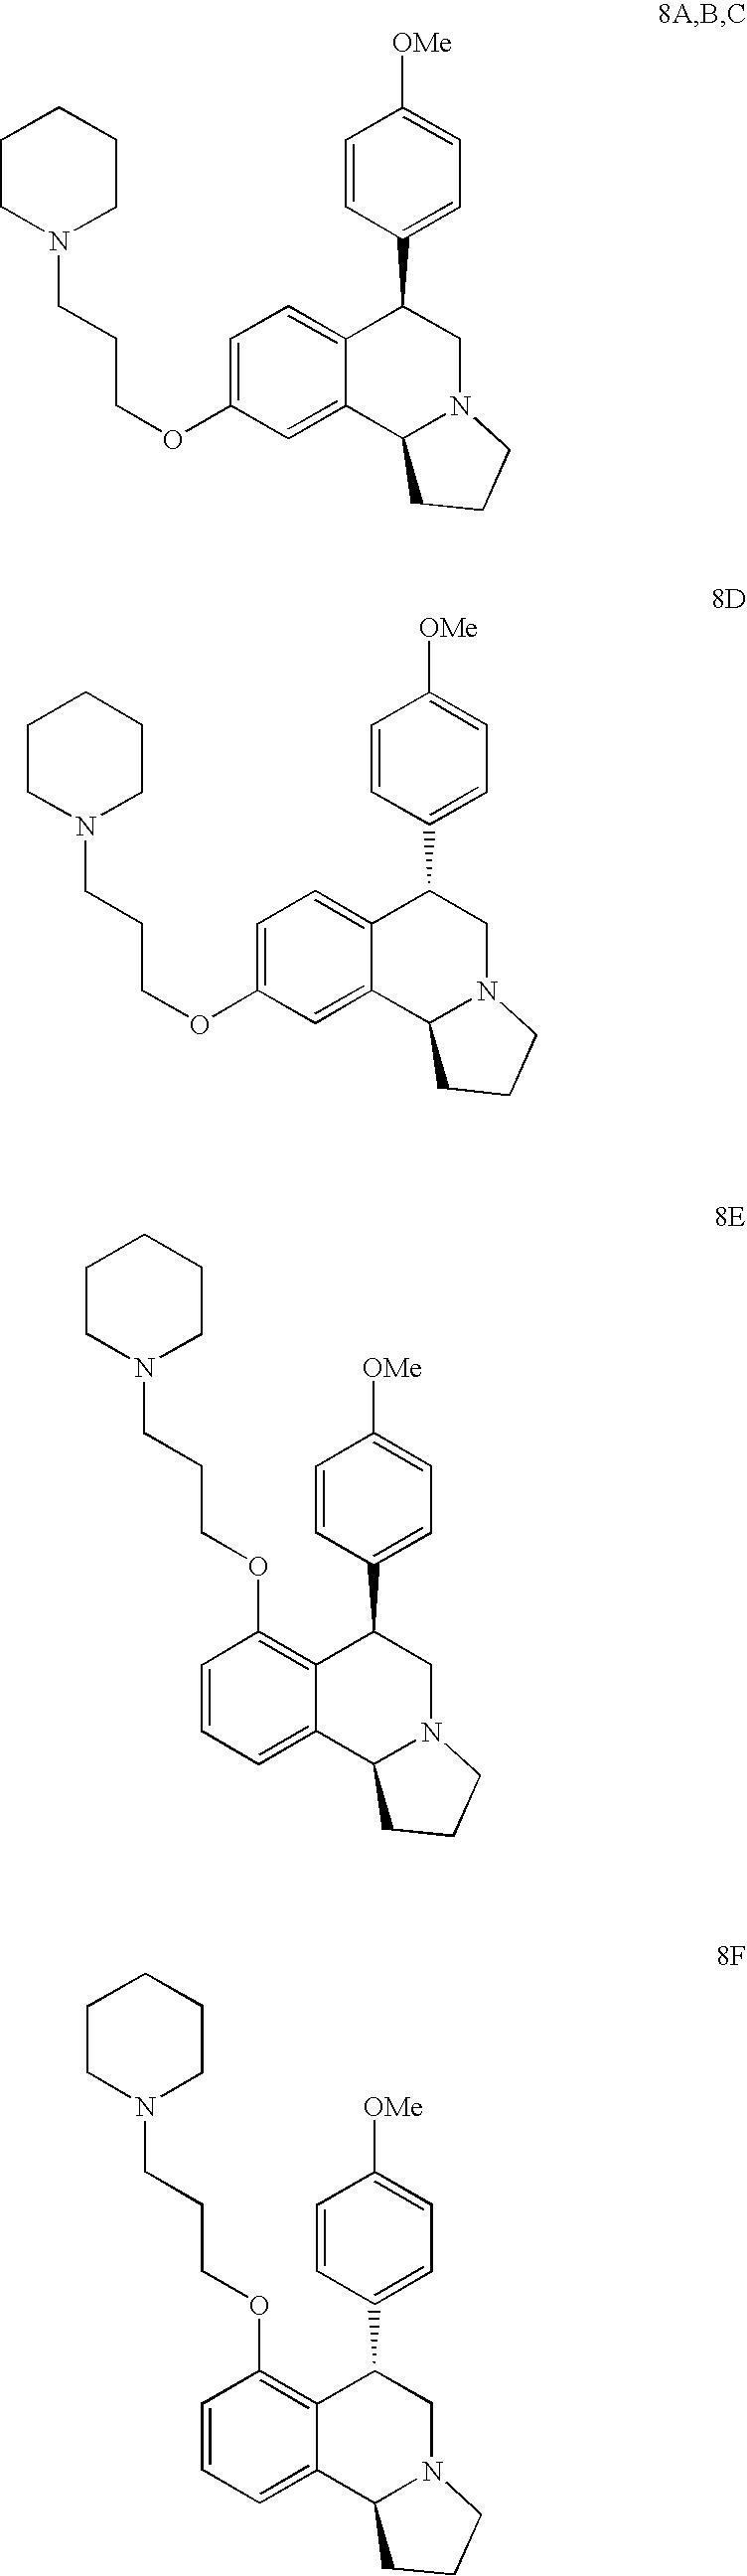 Figure US08273762-20120925-C00013